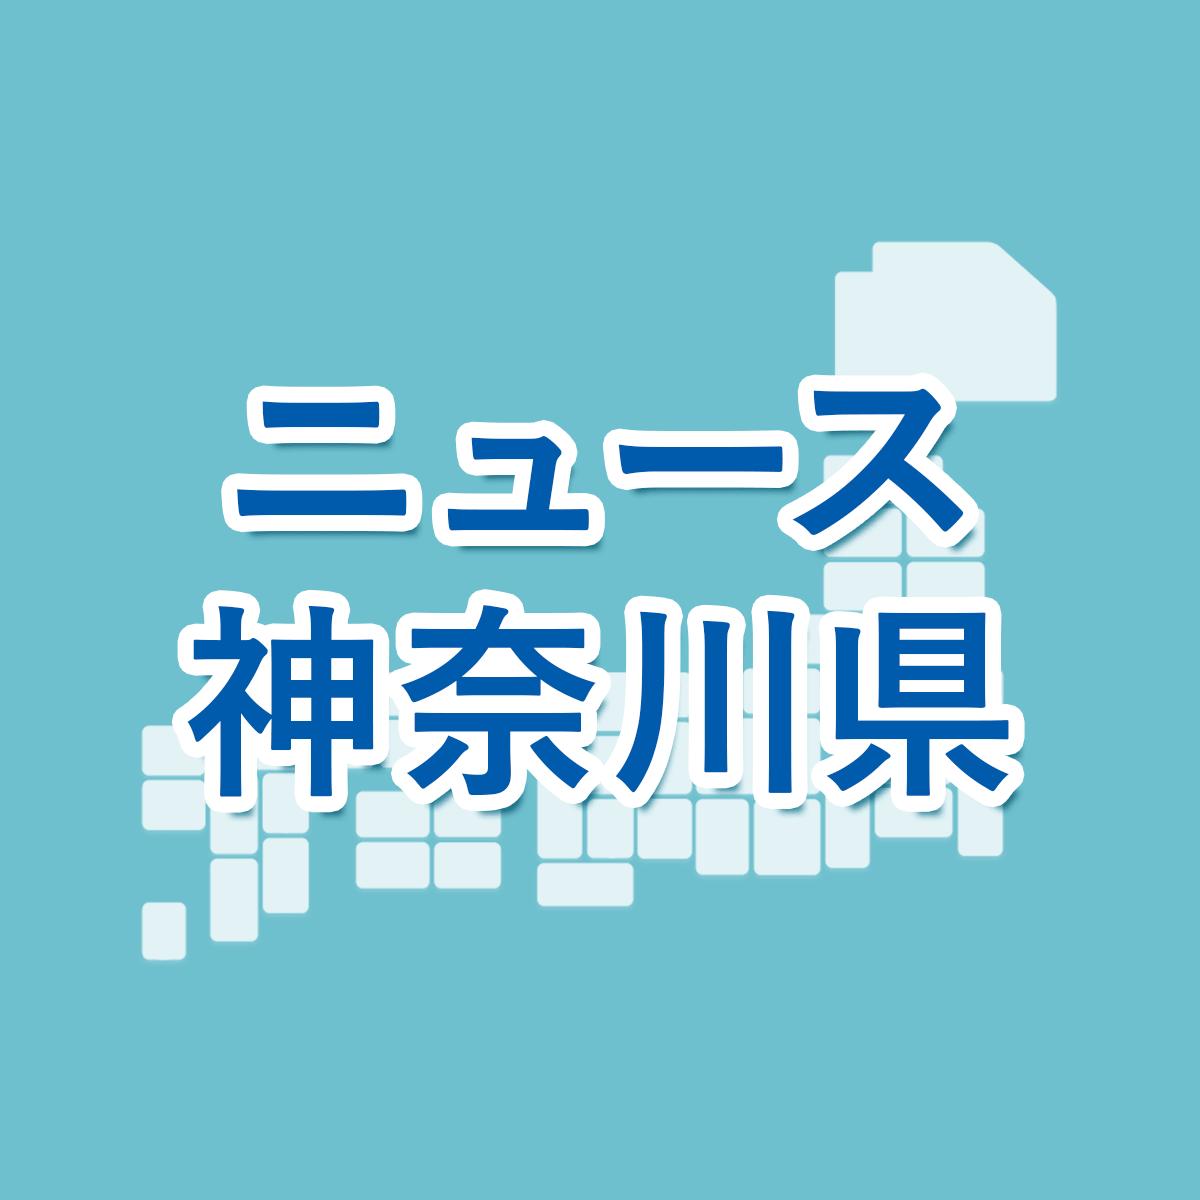 県 速報 2021 神奈川 高校 倍率 公立